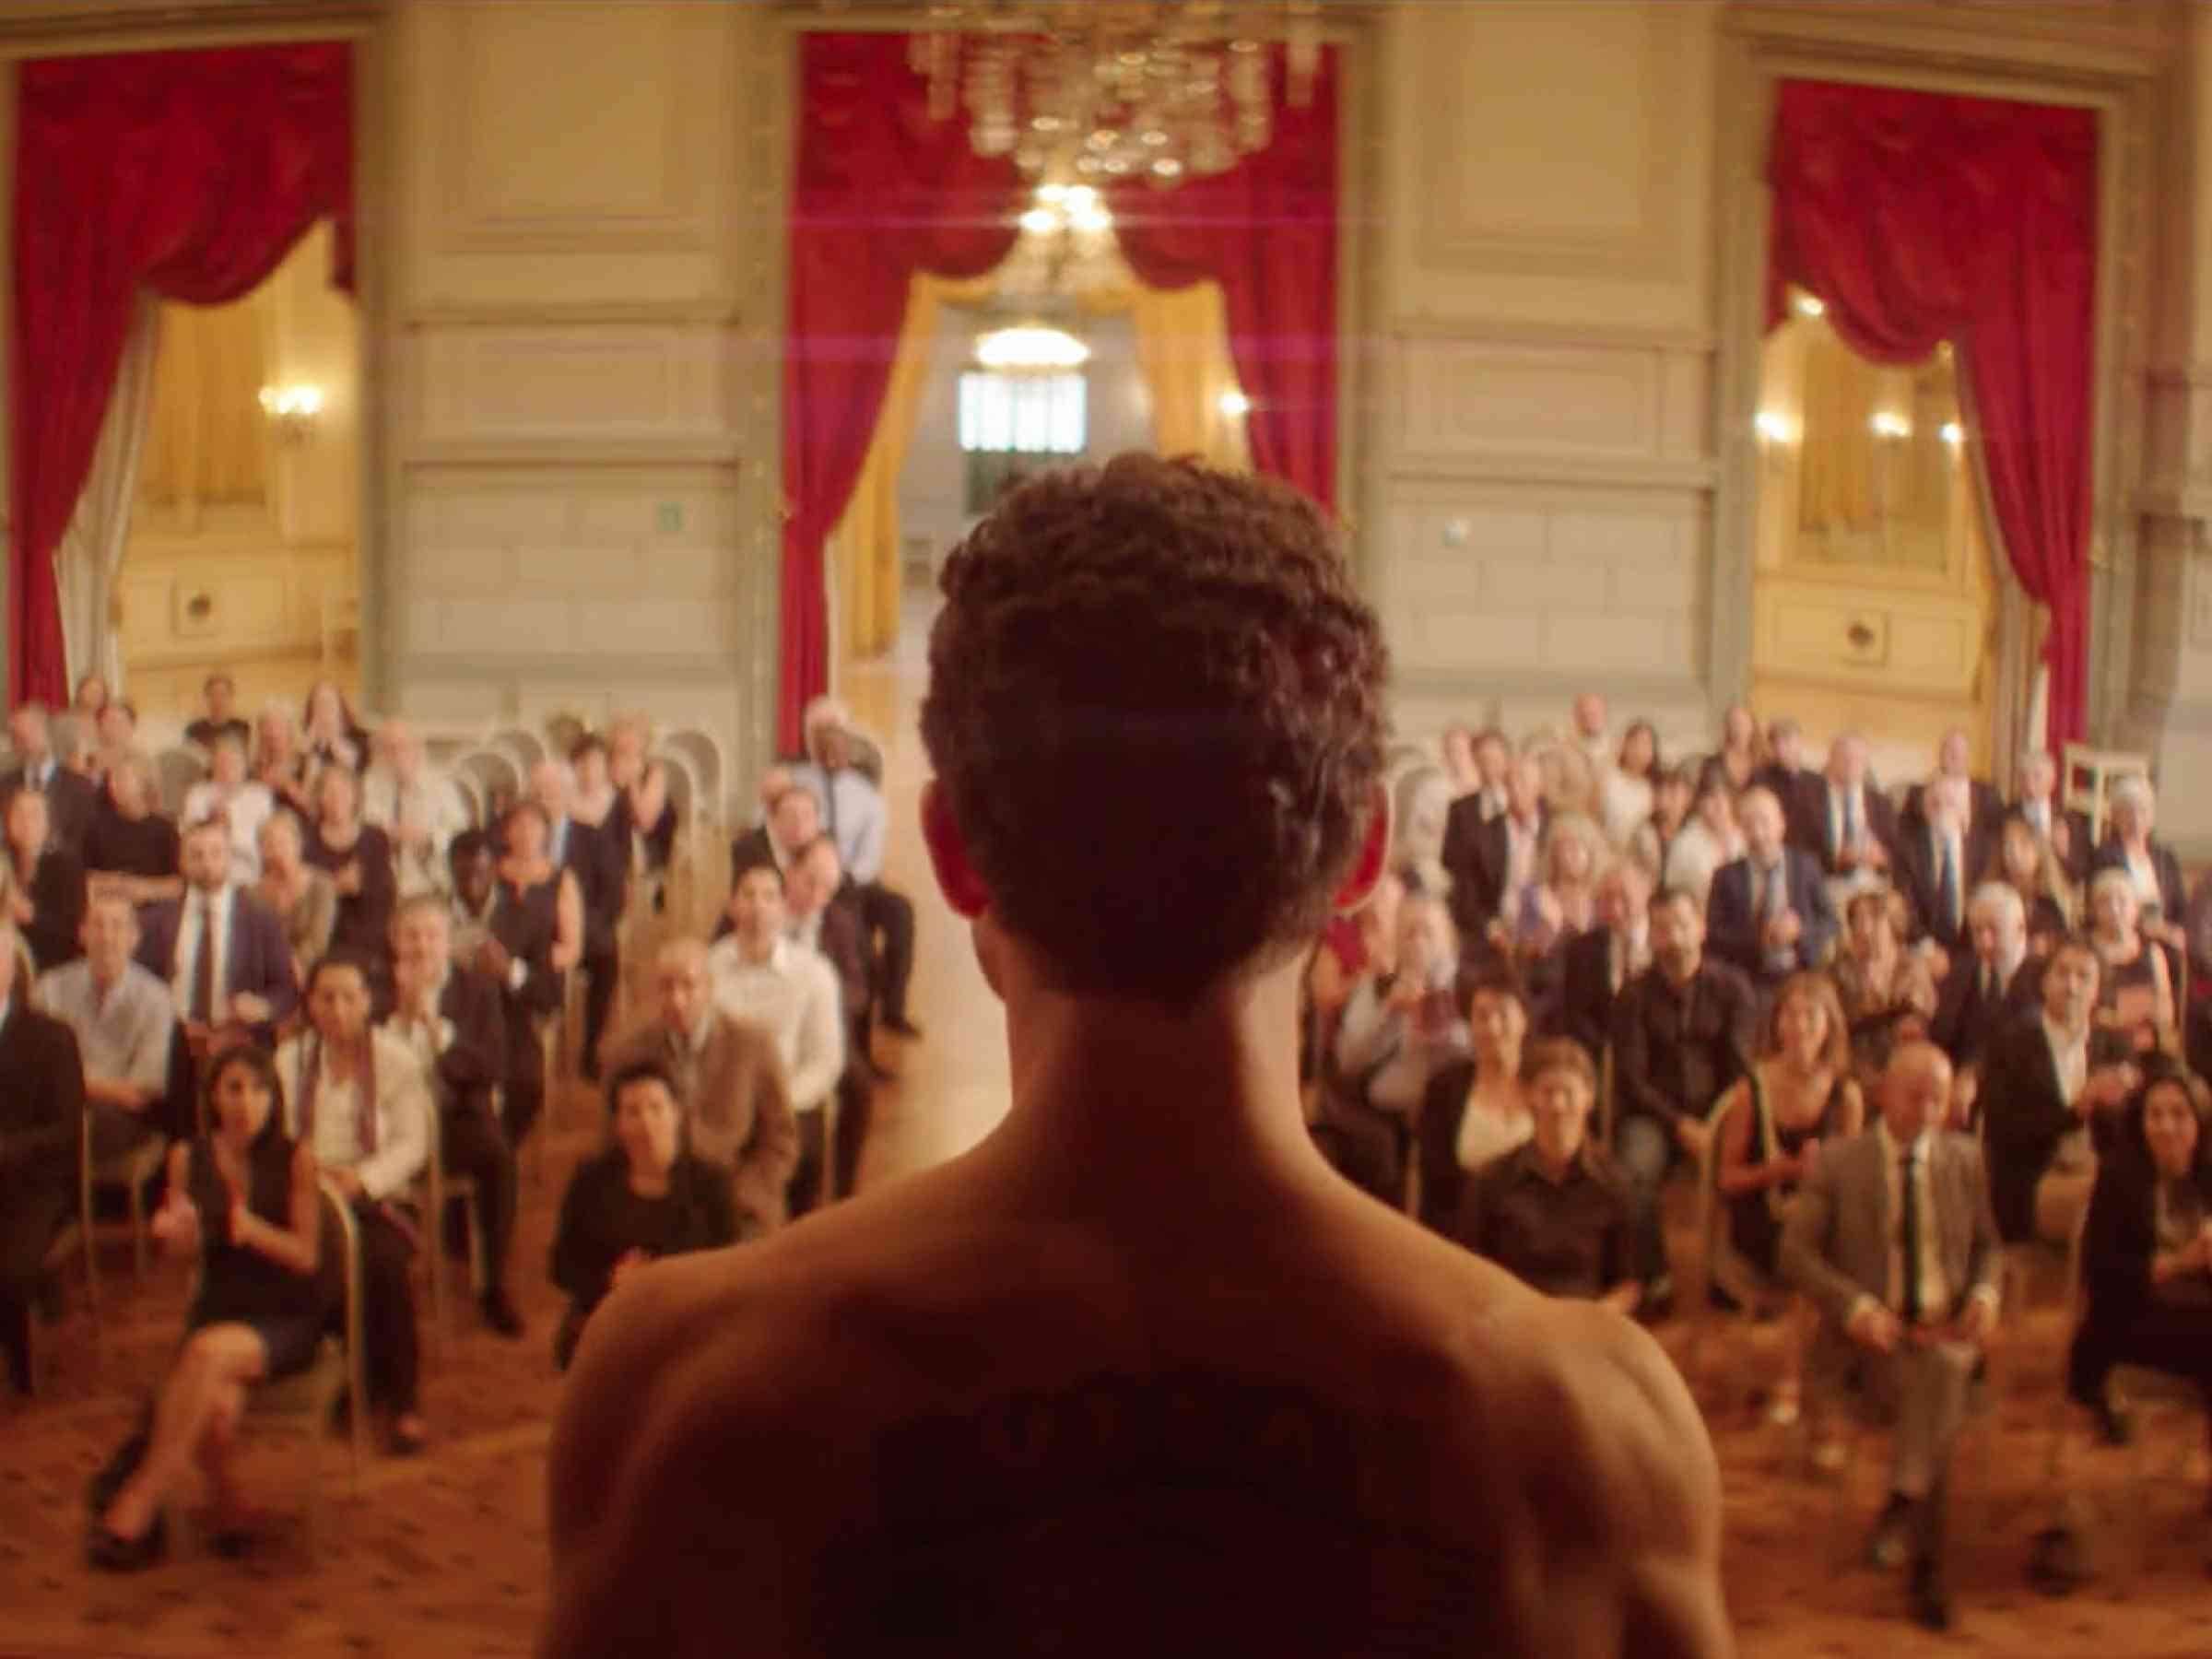 L'HOMME QUI A VENDU SA PEAU - Partenariat avec le Festival du Film Franco-Arabe @ Le Trianon